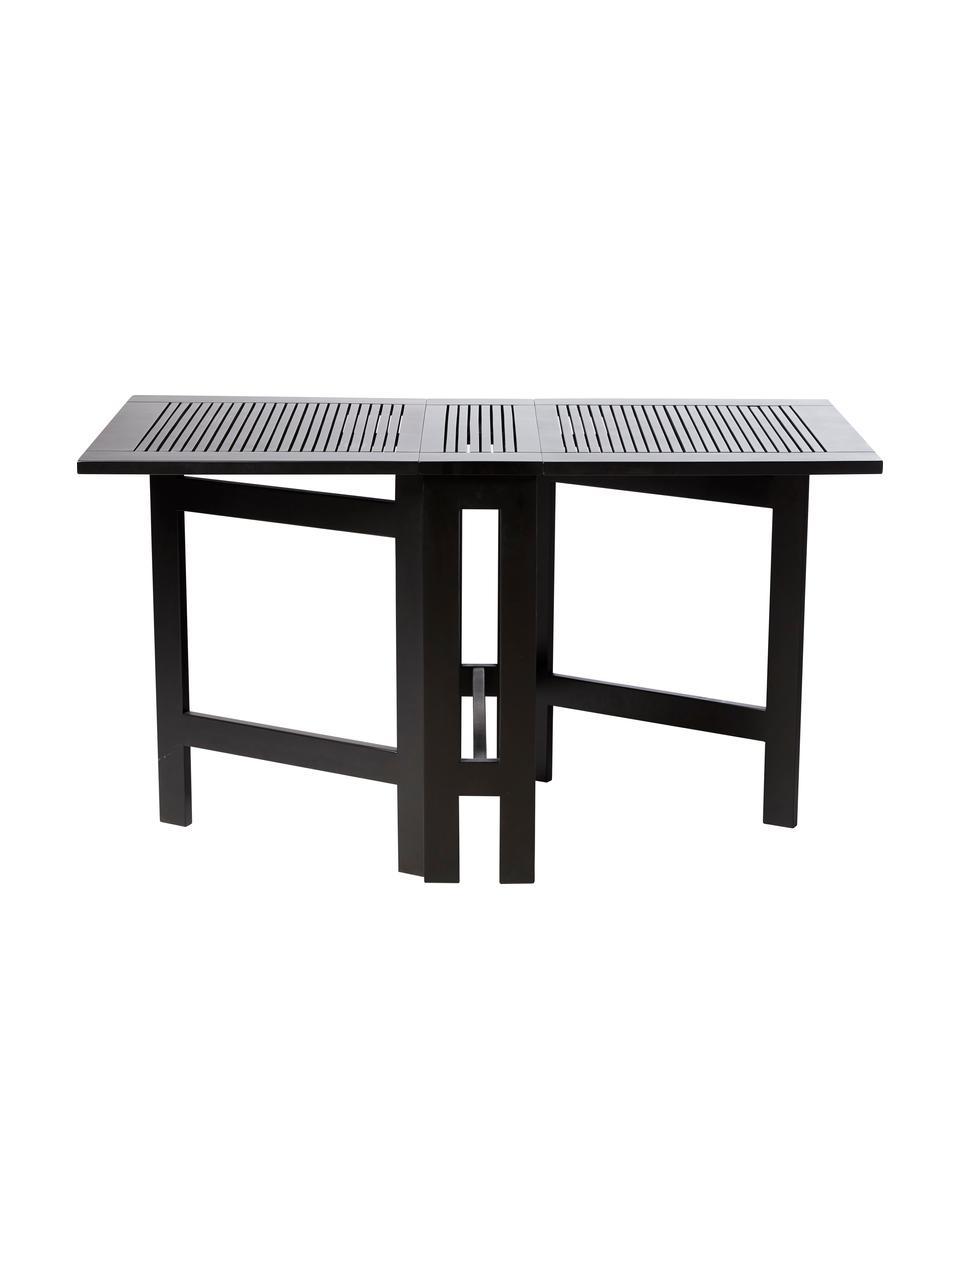 Rozkładany stół ogrodowy z drewna Butterfly, Drewno tekowe, piaskowane, lakierowane, Czarny, S 130 x W 72 cm